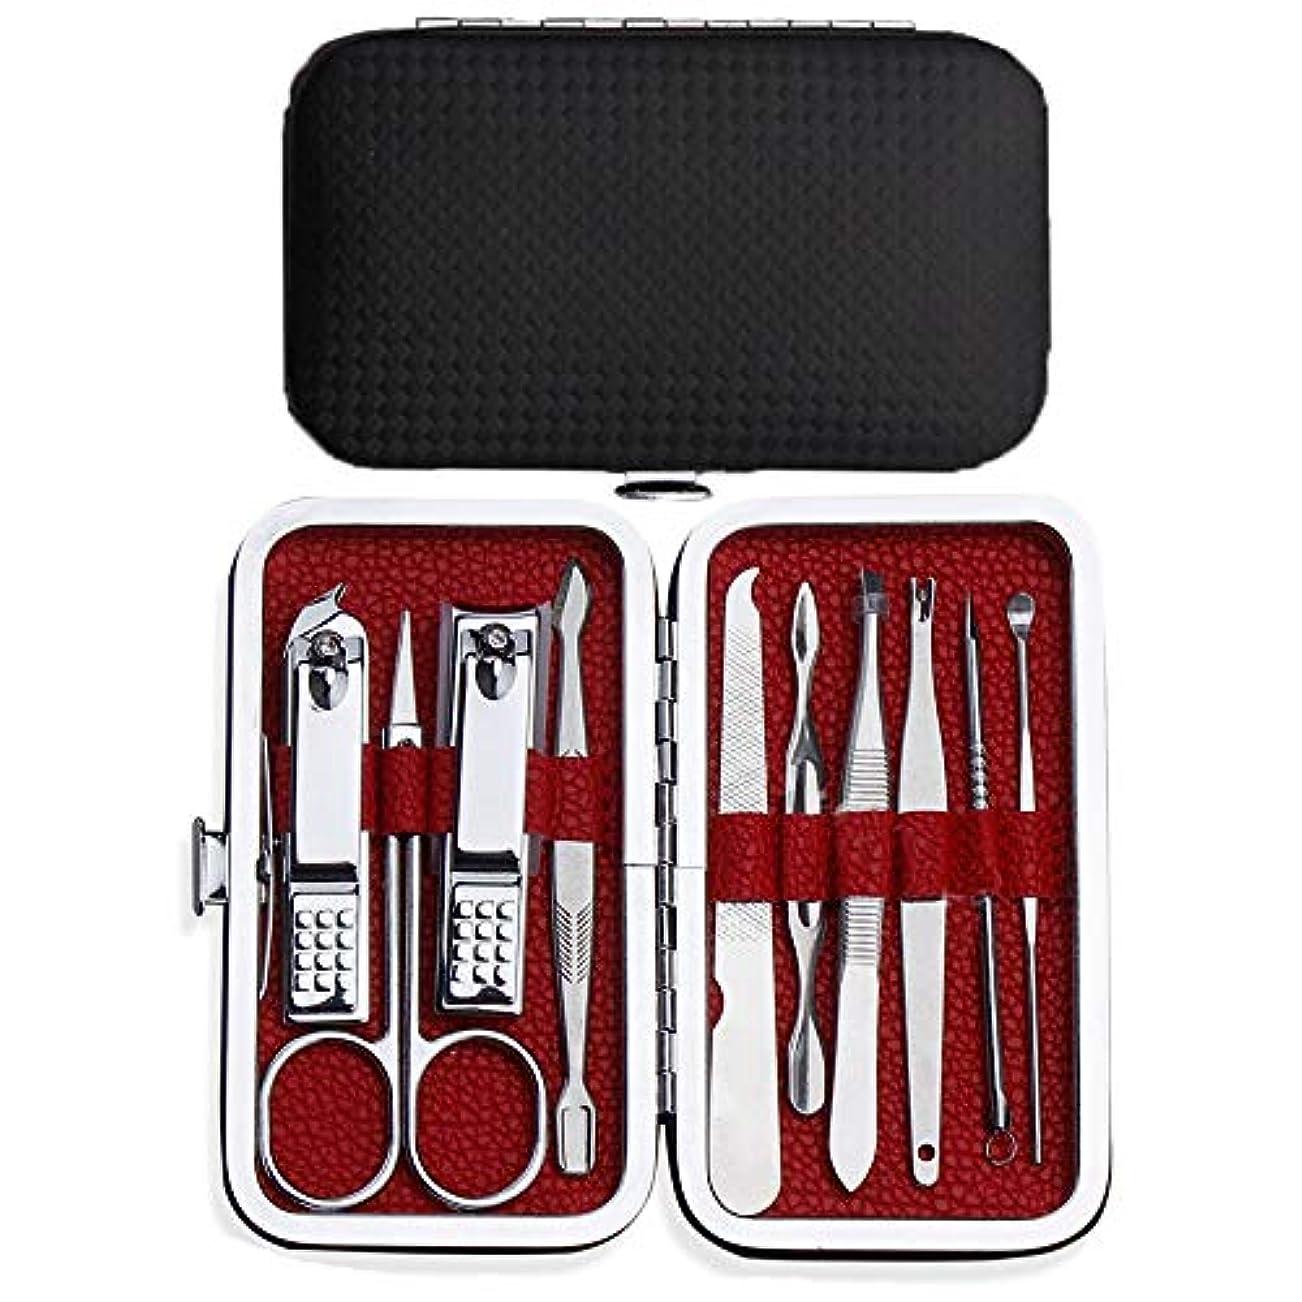 天健ネイル ケア 10点 セット 爪切り グルーミング キット 携帯便利 な 専用ケース (ブラウン)